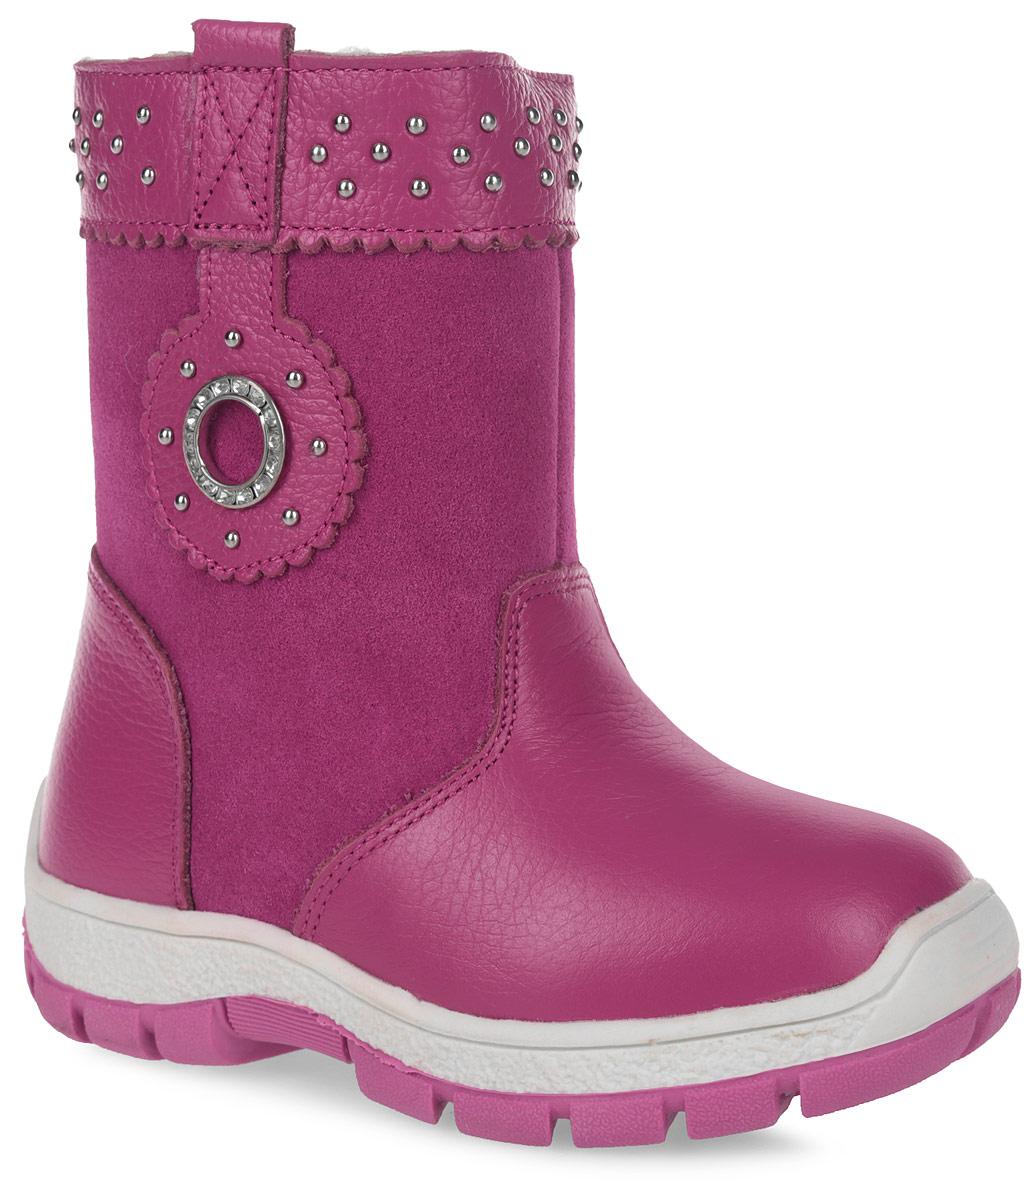 Полусапоги для девочки Зебра, цвет: розовый. 11108-9. Размер 2911108-9Полусапоги от Зебра выполнены из натуральной кожи в сочетании с натуральной замшей. Застежка-молния надежно фиксирует изделие на ноге. Мягкая подкладка и стелька из шерсти обеспечивают тепло, циркуляцию воздуха и сохраняют комфортный микроклимат в обуви. Модель декорирована стразами и клепками.